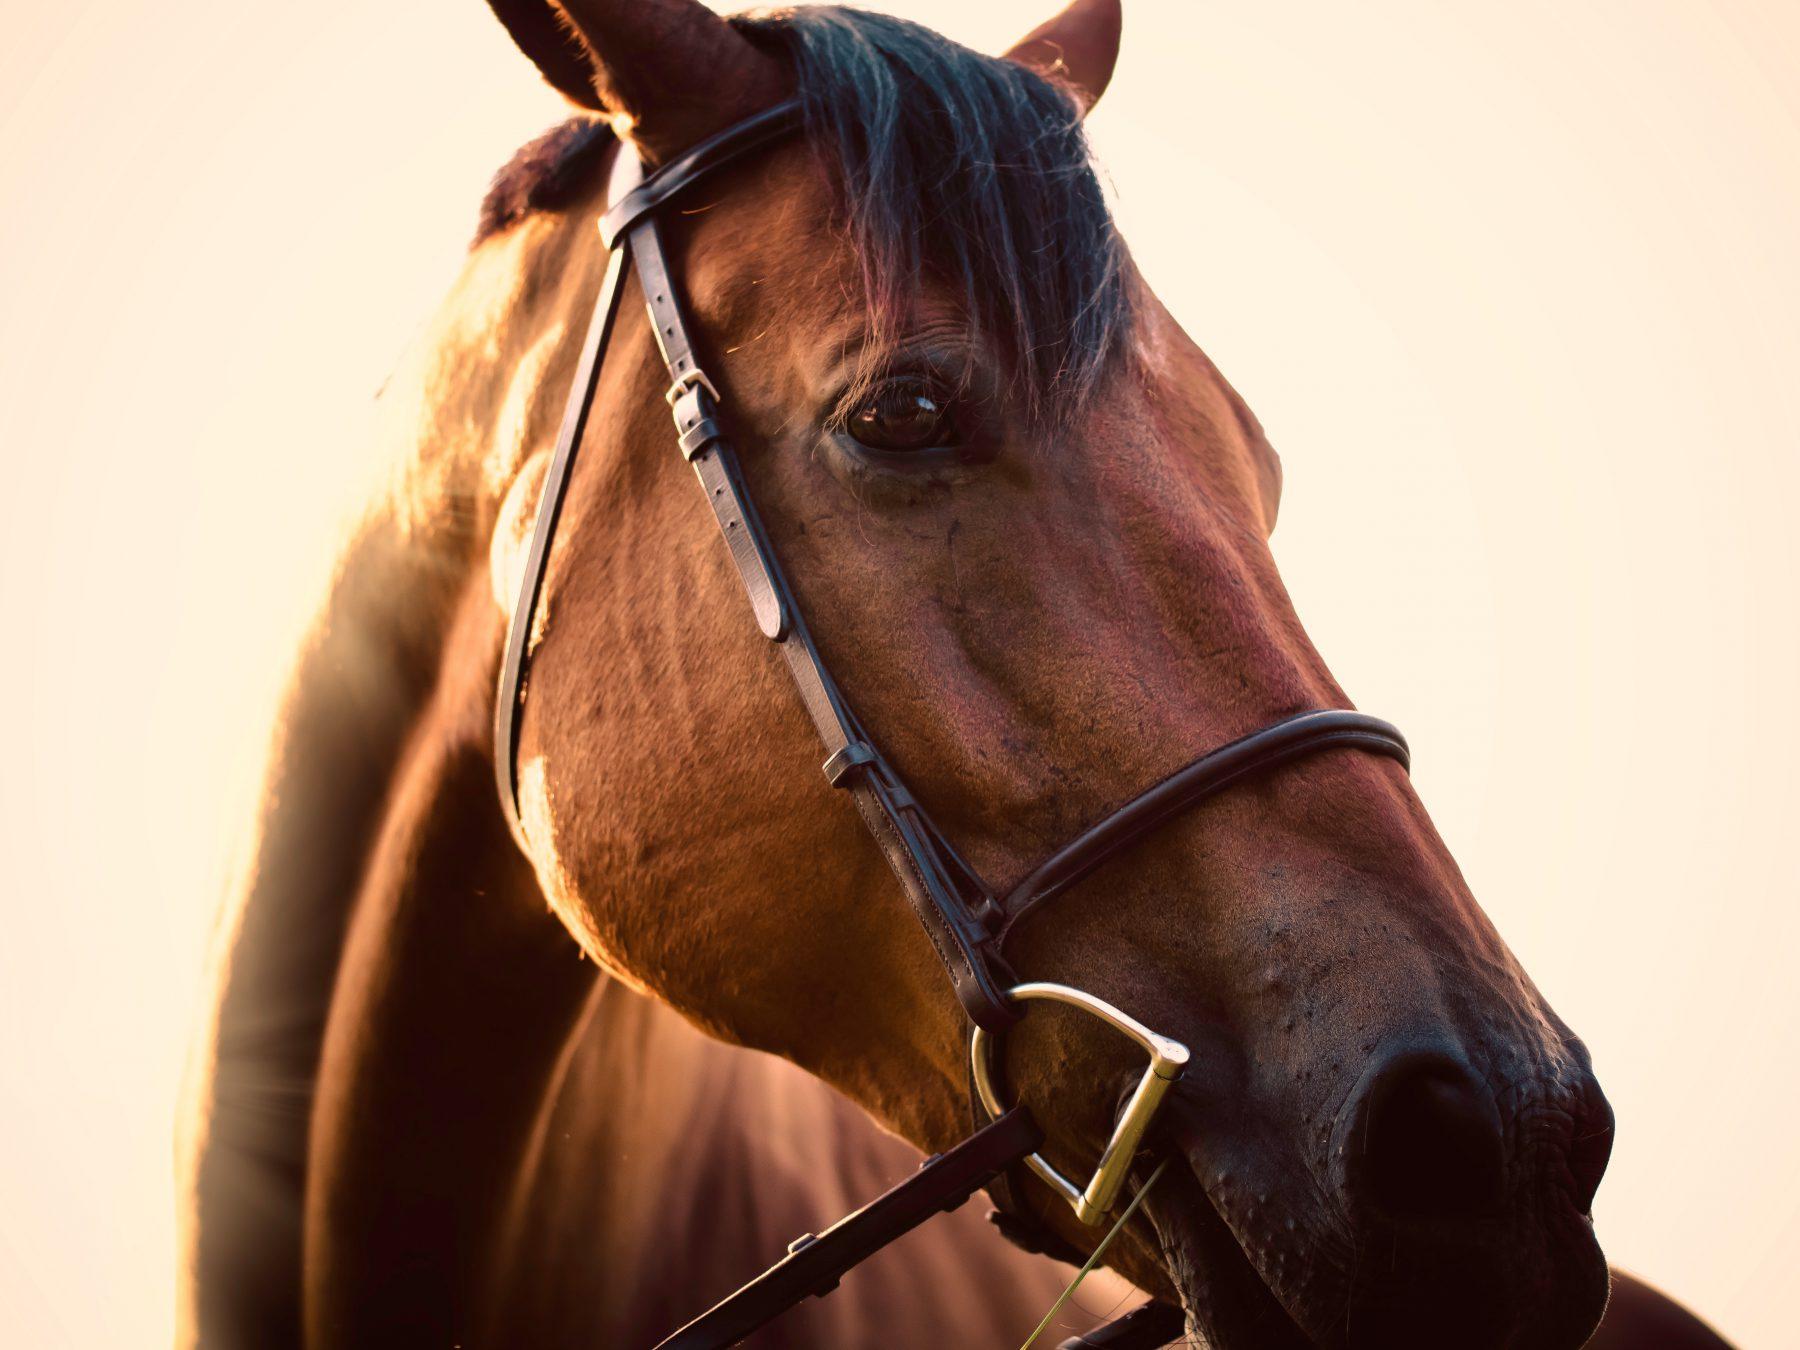 caballo día soleado